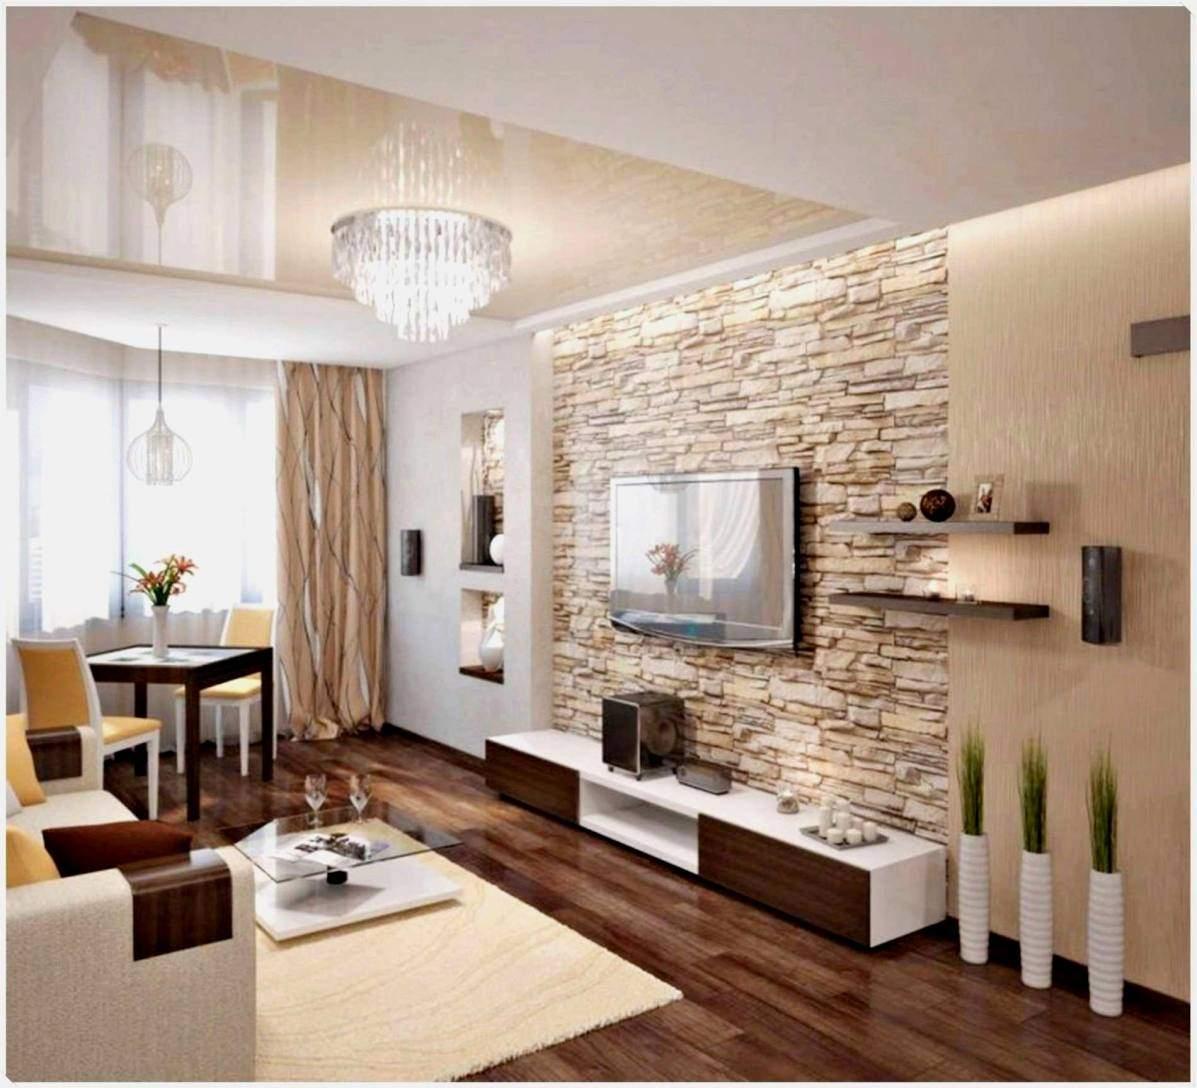 wohnzimmer deko wand luxus wohnideen wohnzimmer modern ideen was solltest du tun of wohnzimmer deko wand